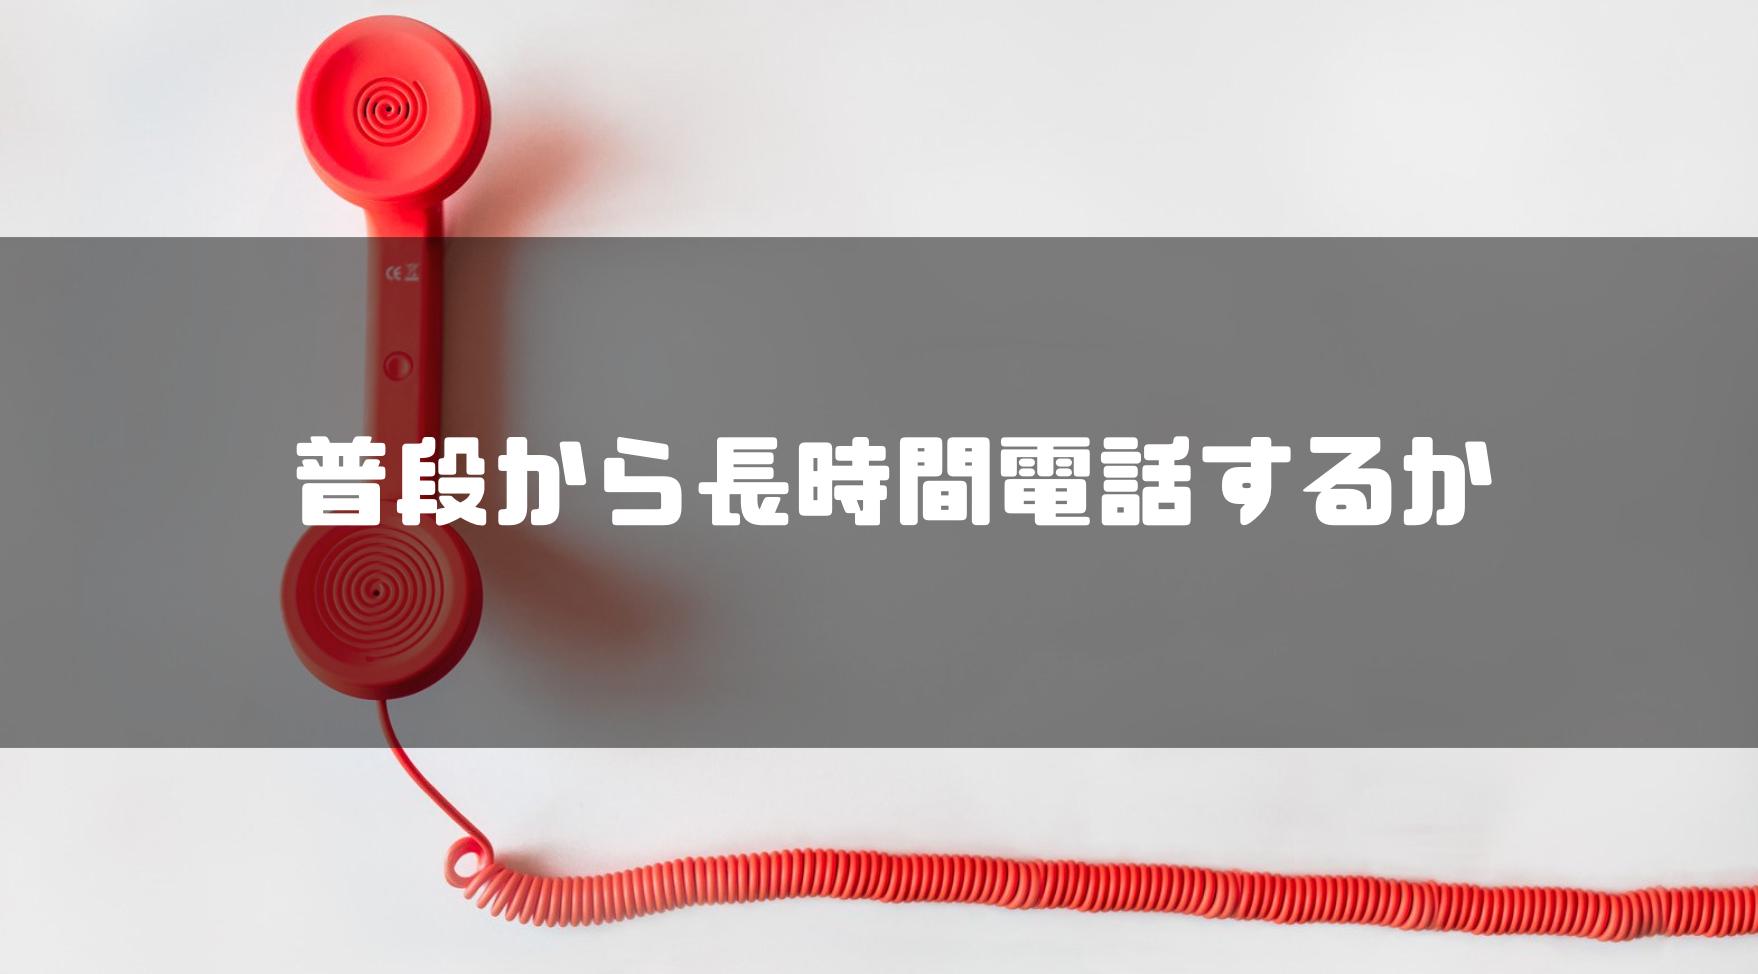 ワイモバイル_Y!mobile_楽天モバイル_比較_長時間電話_10分以上_確認_Rakuten Link_スーパーだれとでも定額